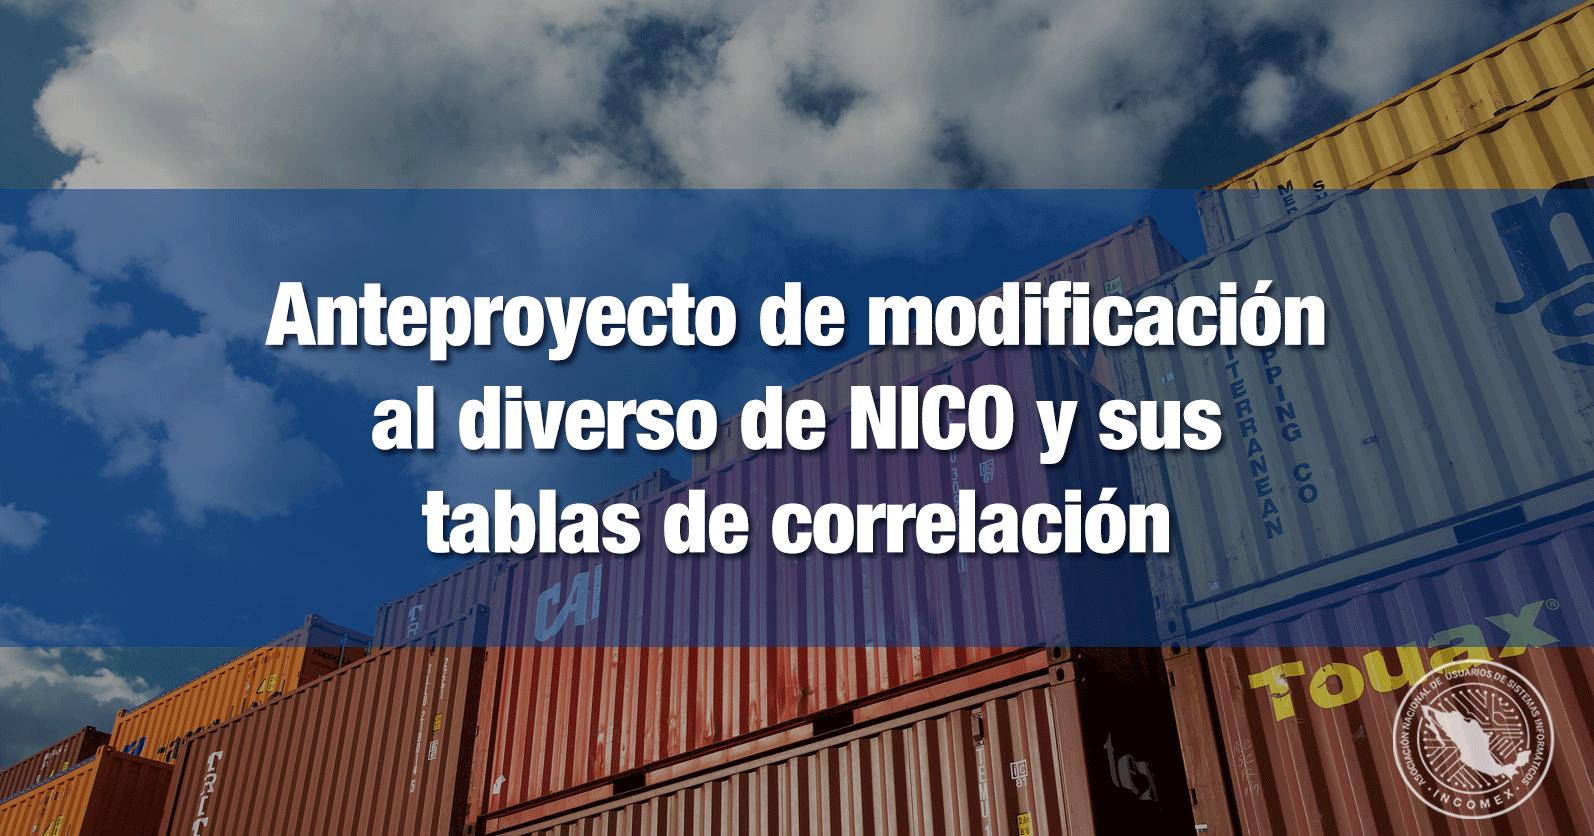 Anteproyecto de modificación al diverso de NICO y sus tablas de correlación